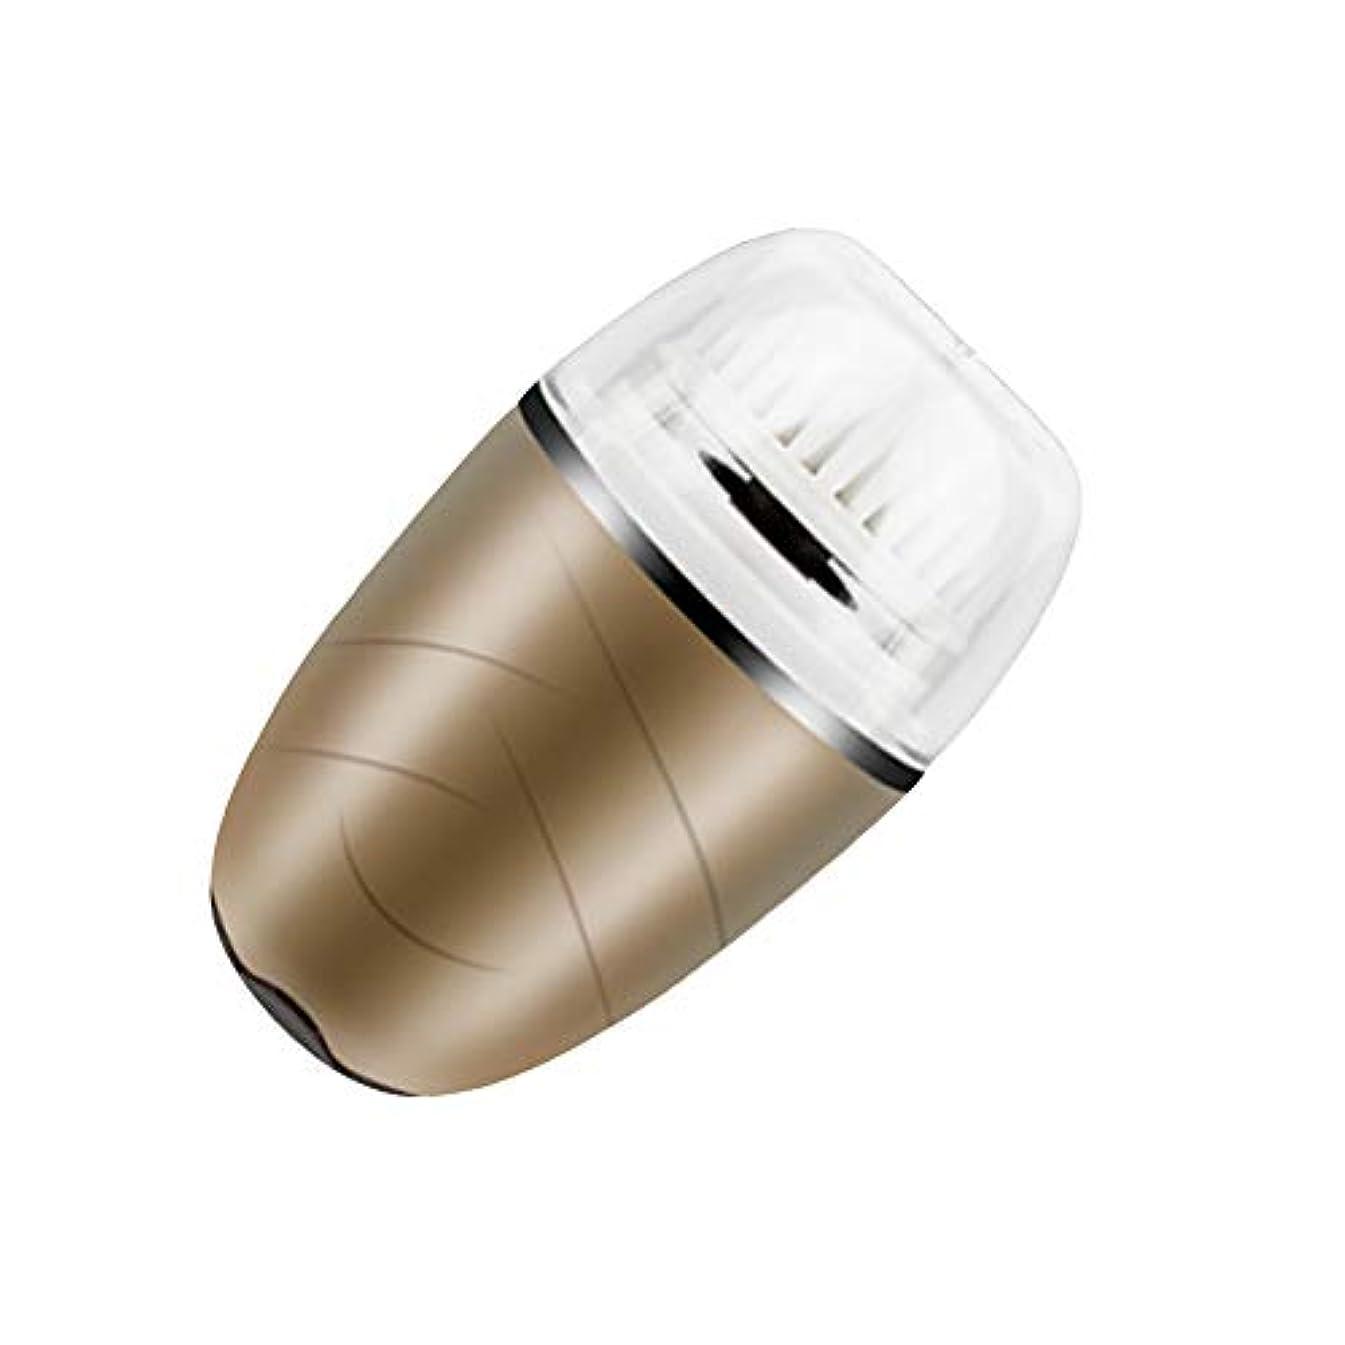 囲い無礼に適用する洗顔ブラシ、電動ソニックフェイスブラシ振動顔クレンジングシステム防水ブラシにきびエクスフォリエーター USB 充電式,Gold